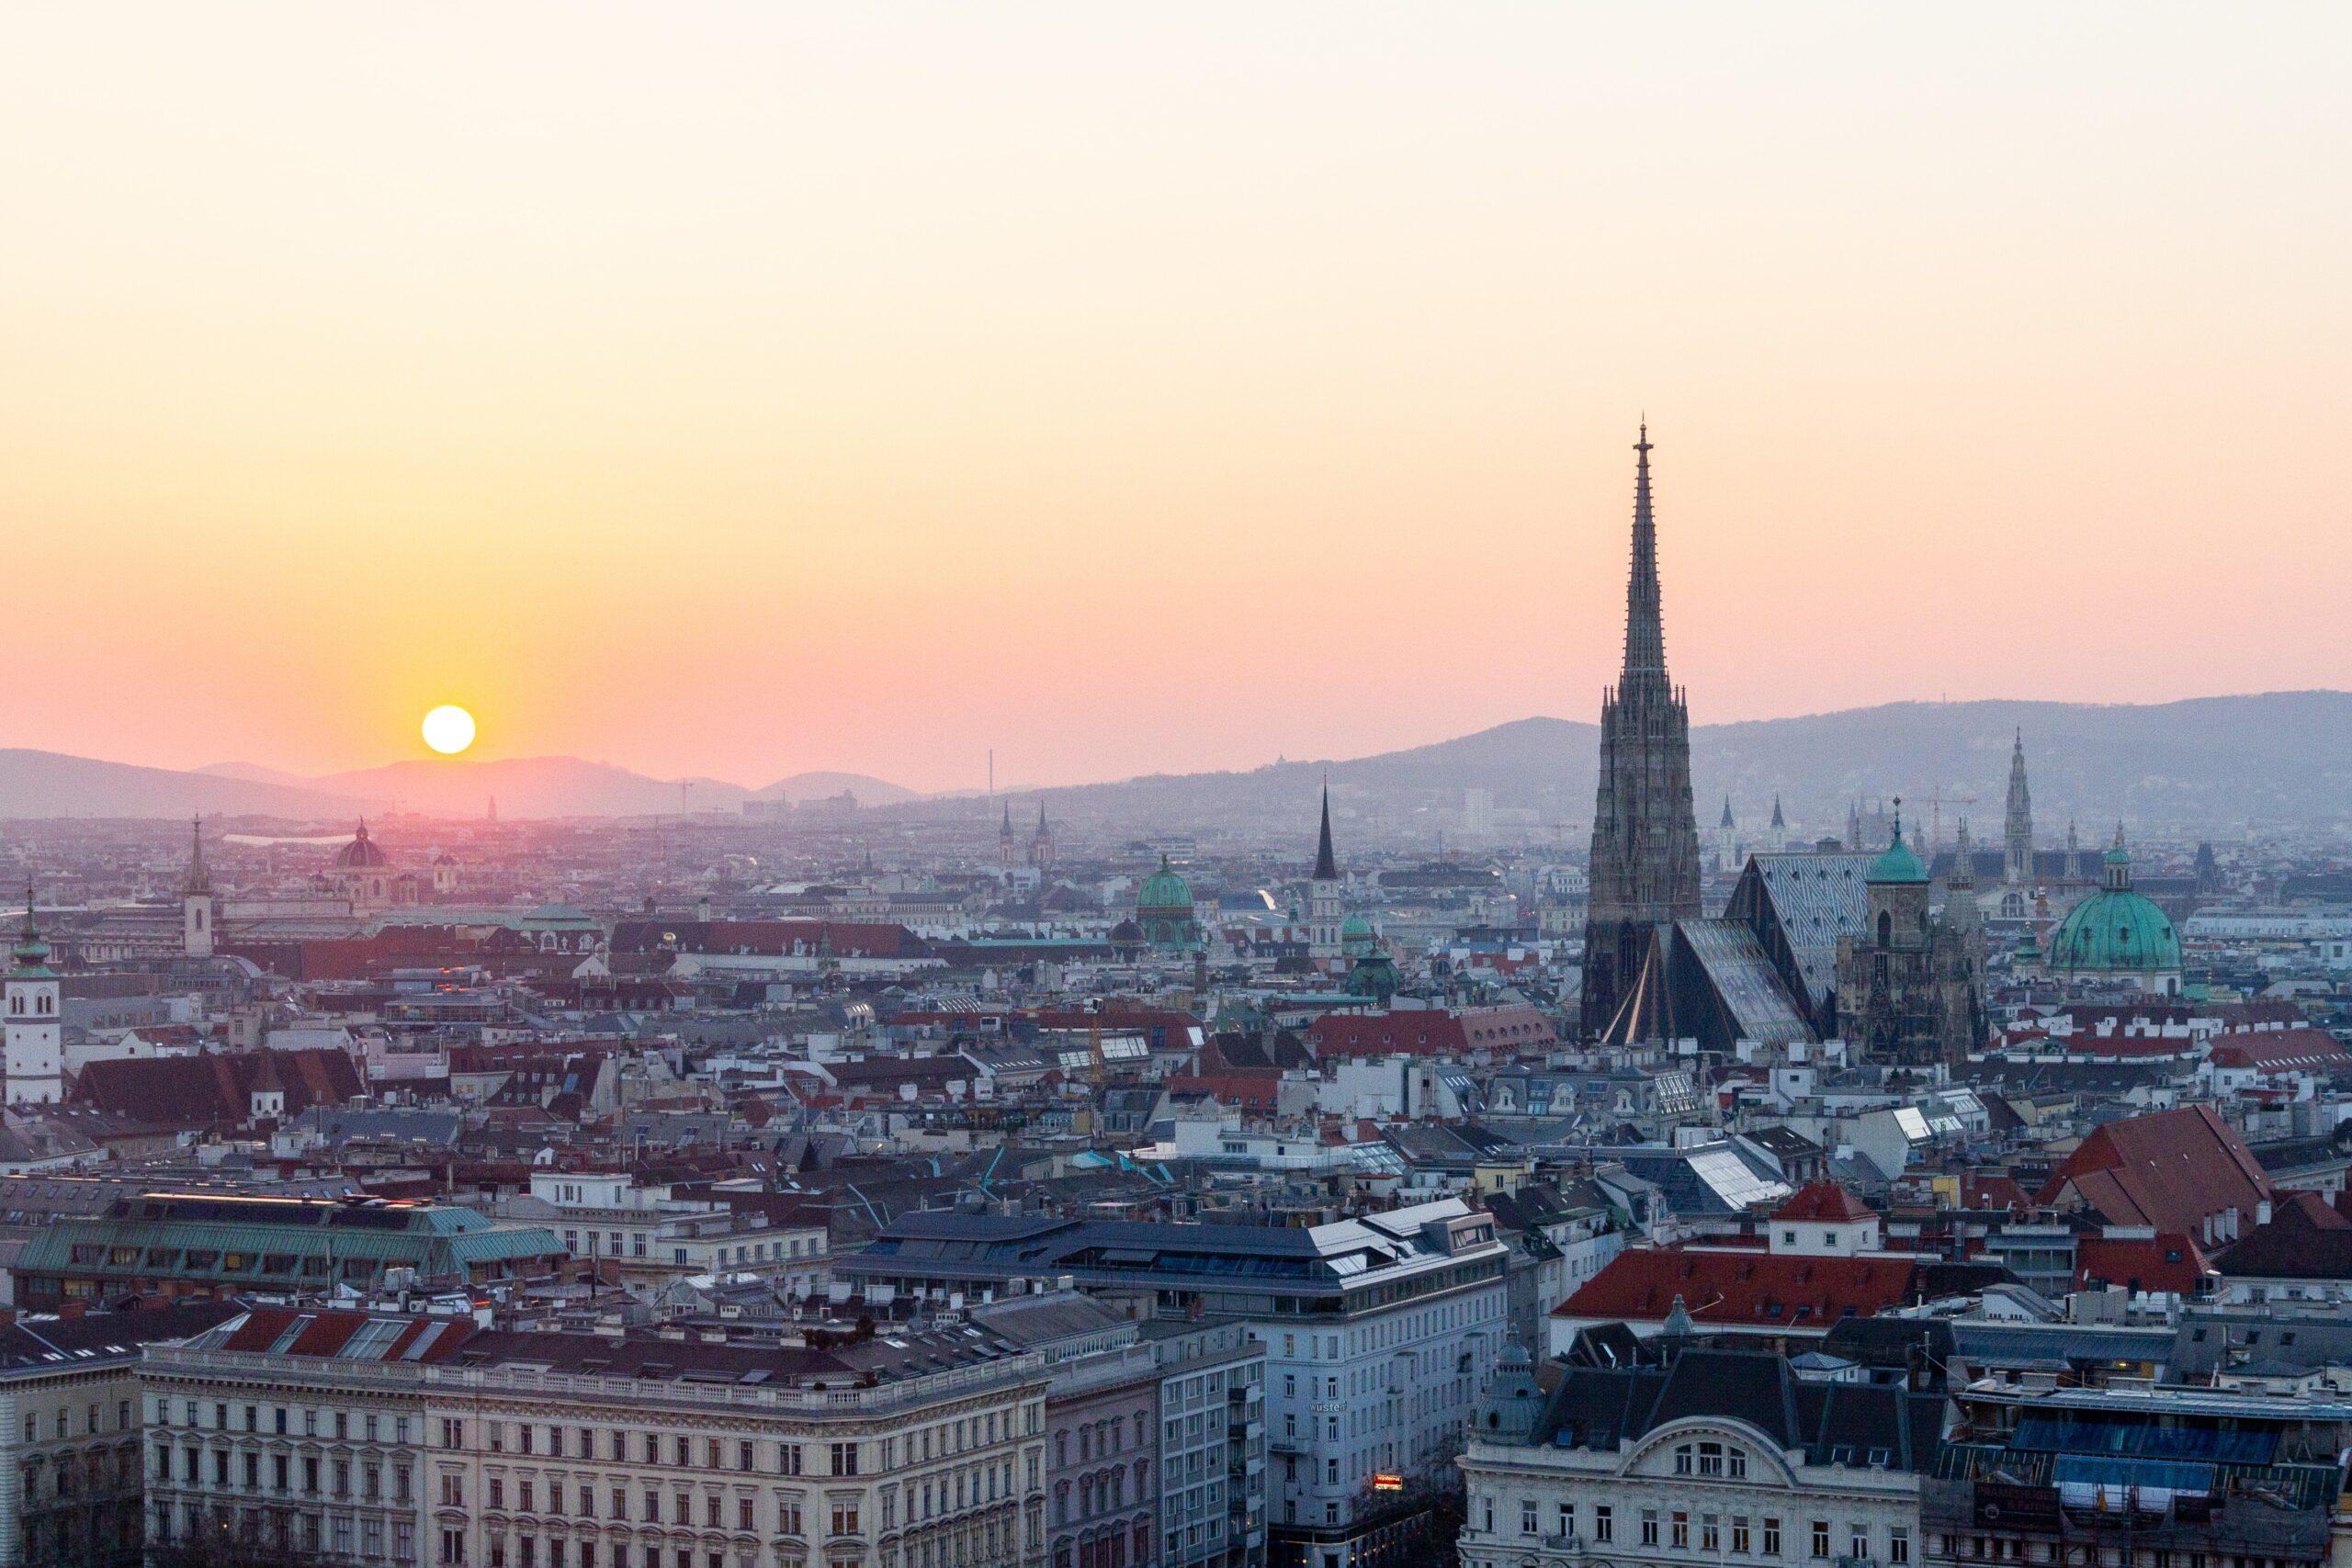 List of 3 real estate investors in Zurich